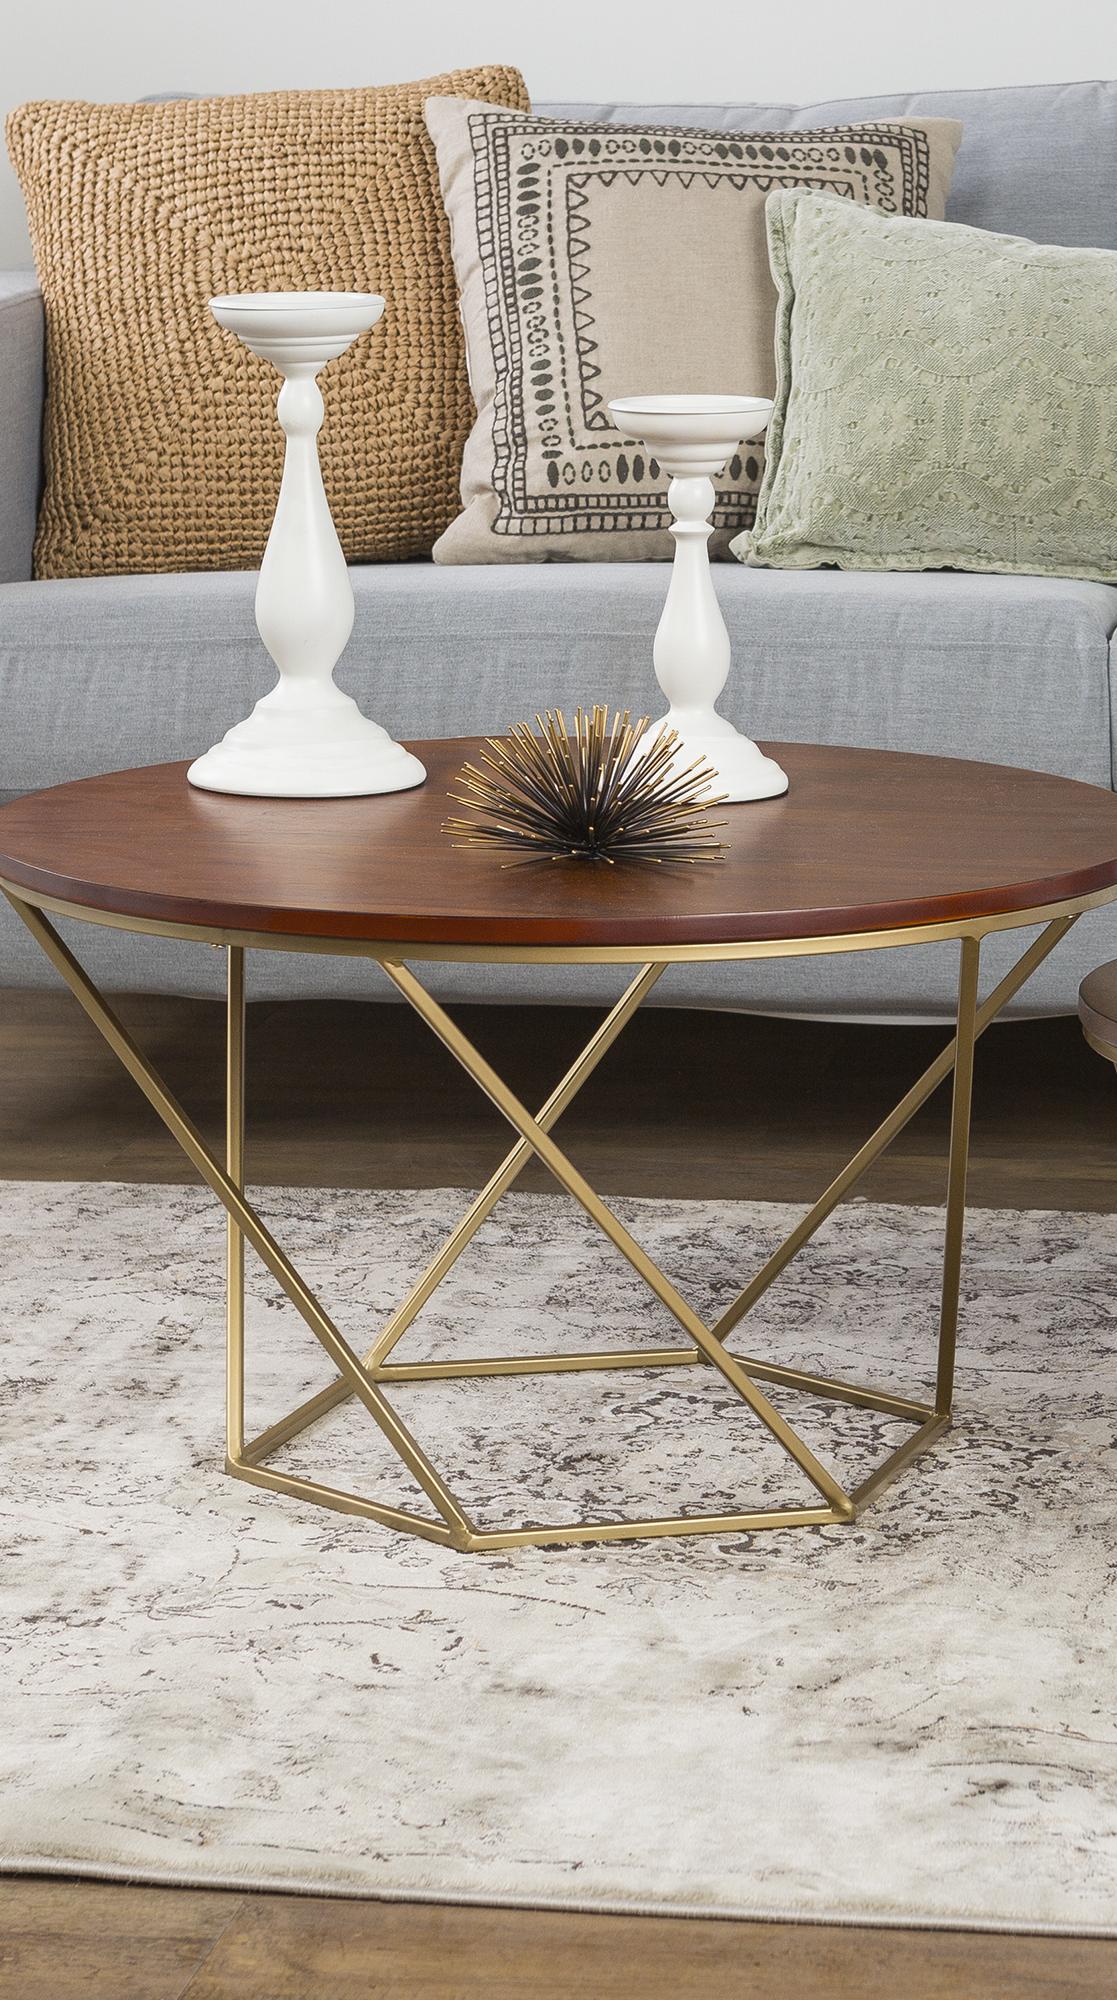 Geometrisches Design Fürs Wohnzimmer   Couchtisch Set Mit Metallgestell Und  Nussbaumfurnier